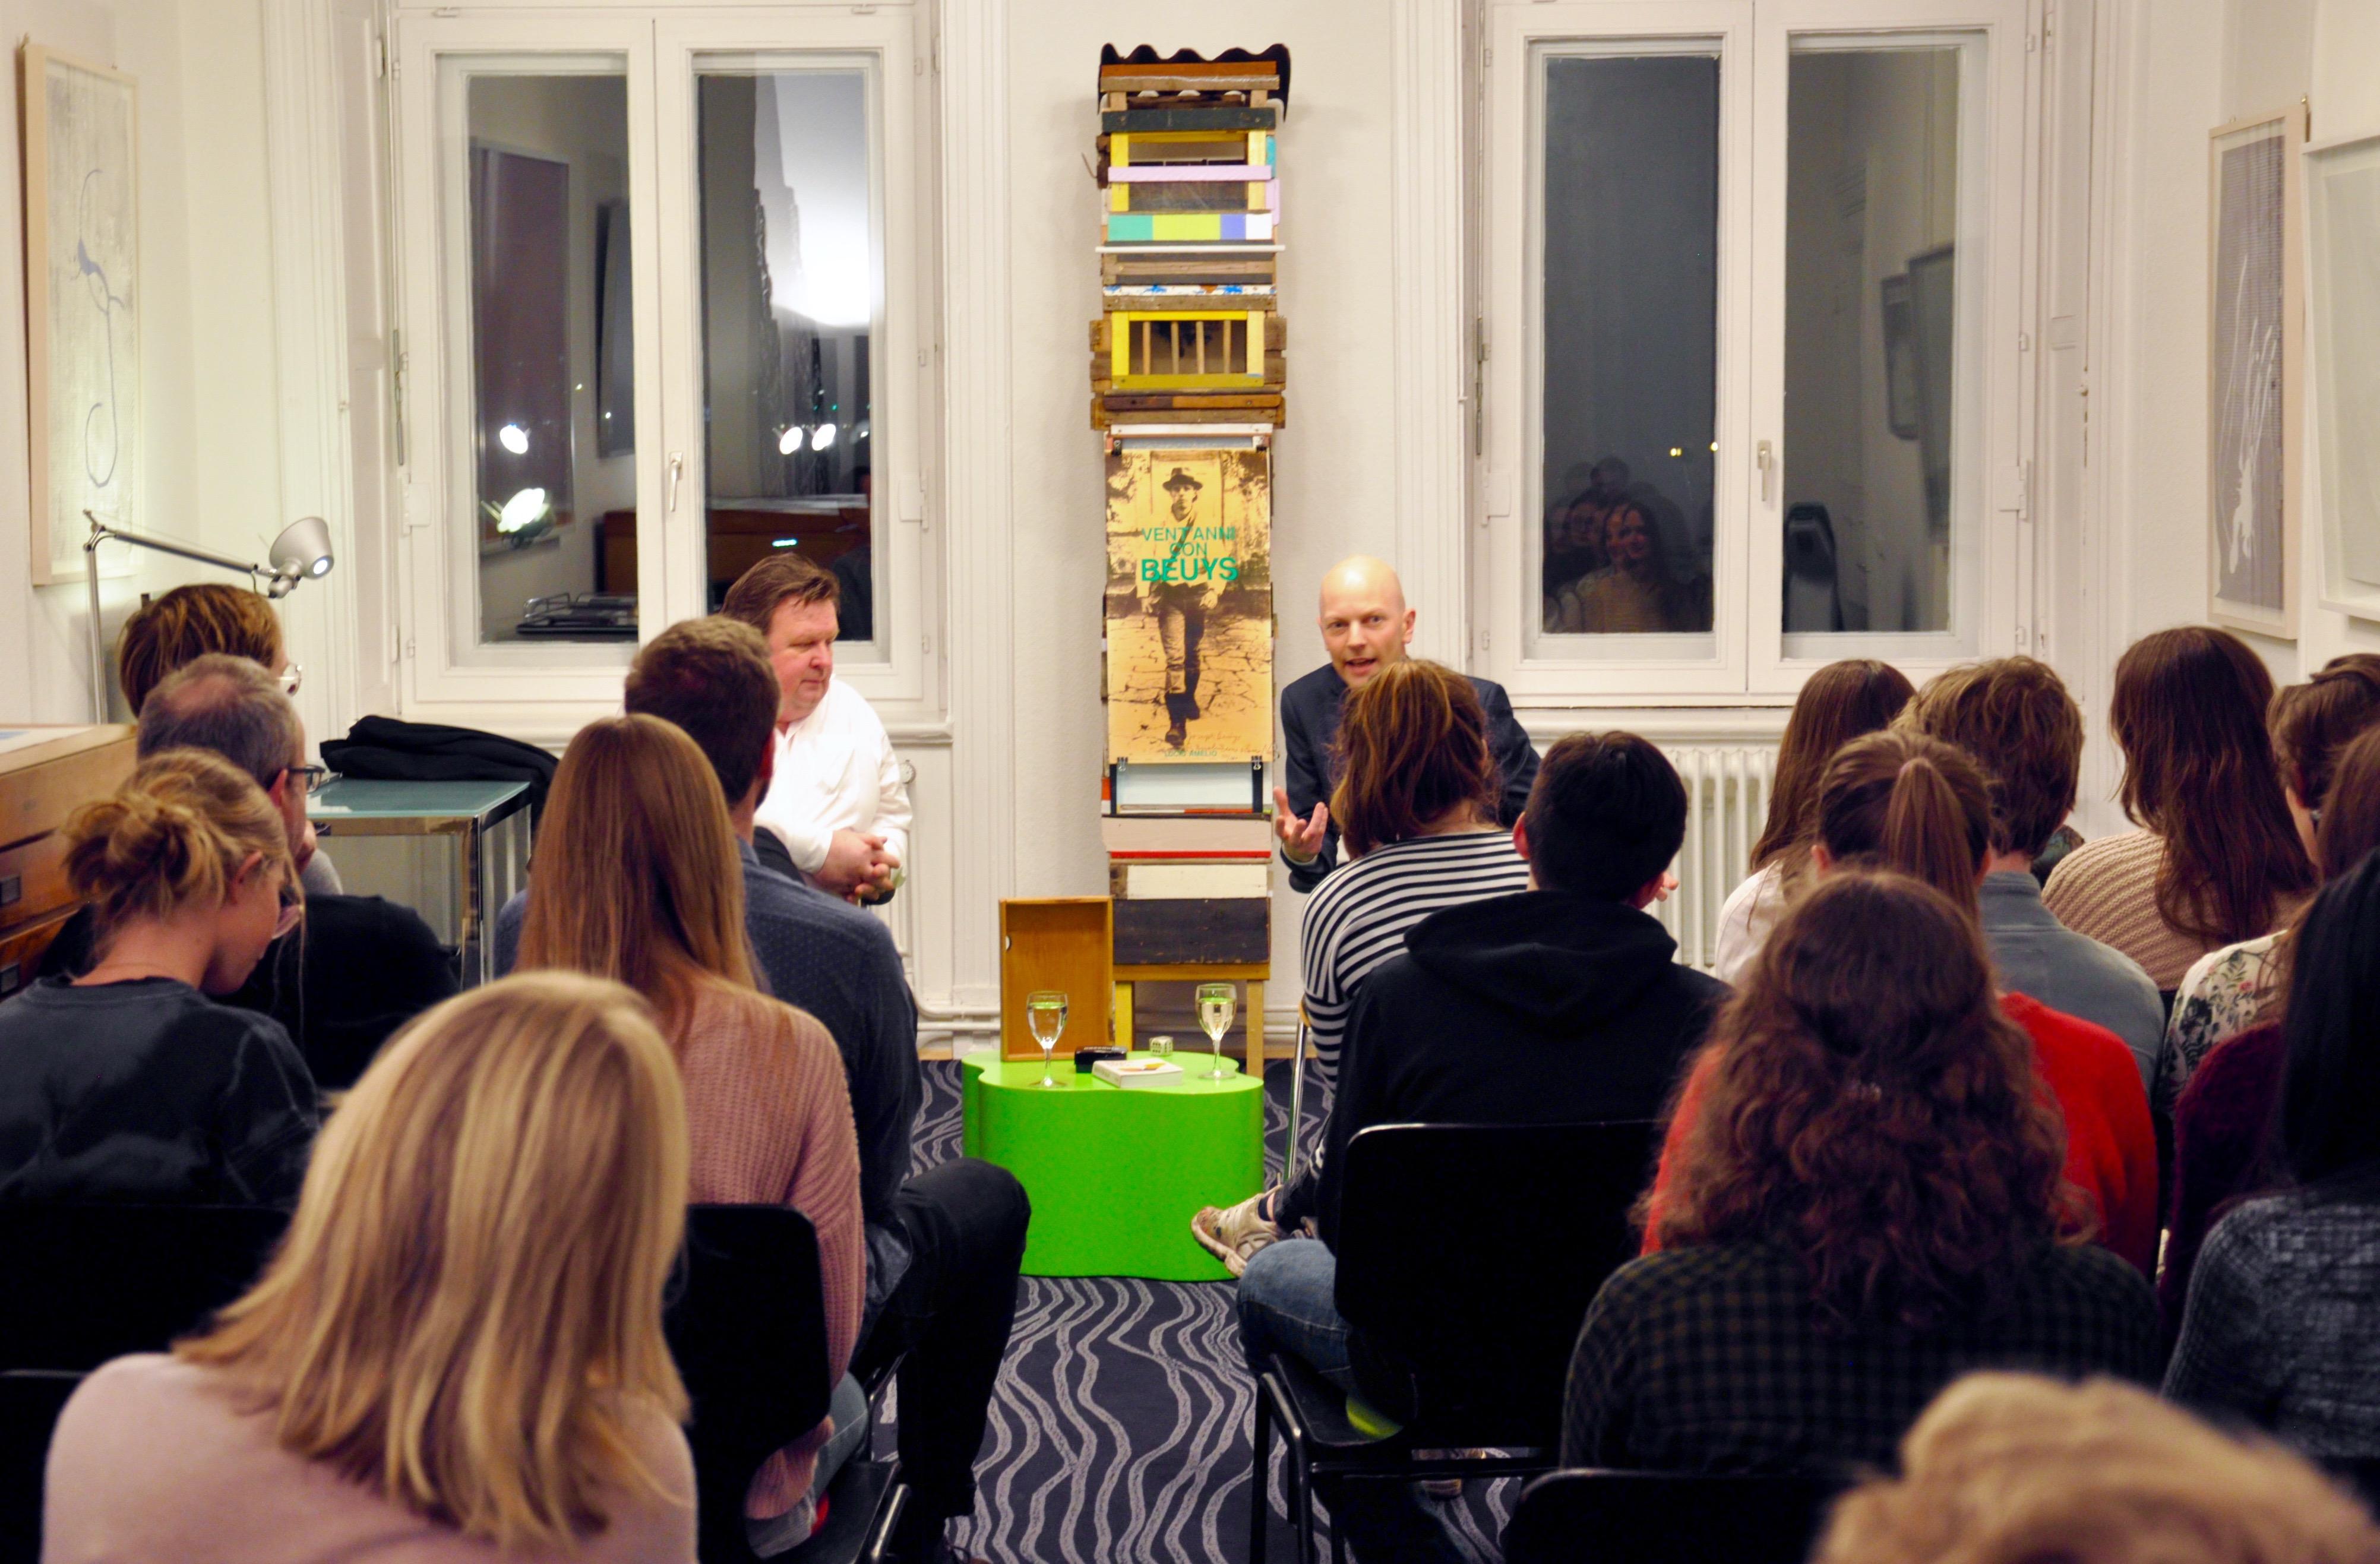 Das Kunstprofil des Gymnasium Eppendorf, Hamburg besucht ein Kunstgespräch zwischen Rene S. Spiegelberger und Siegfried Sander, Galerist.